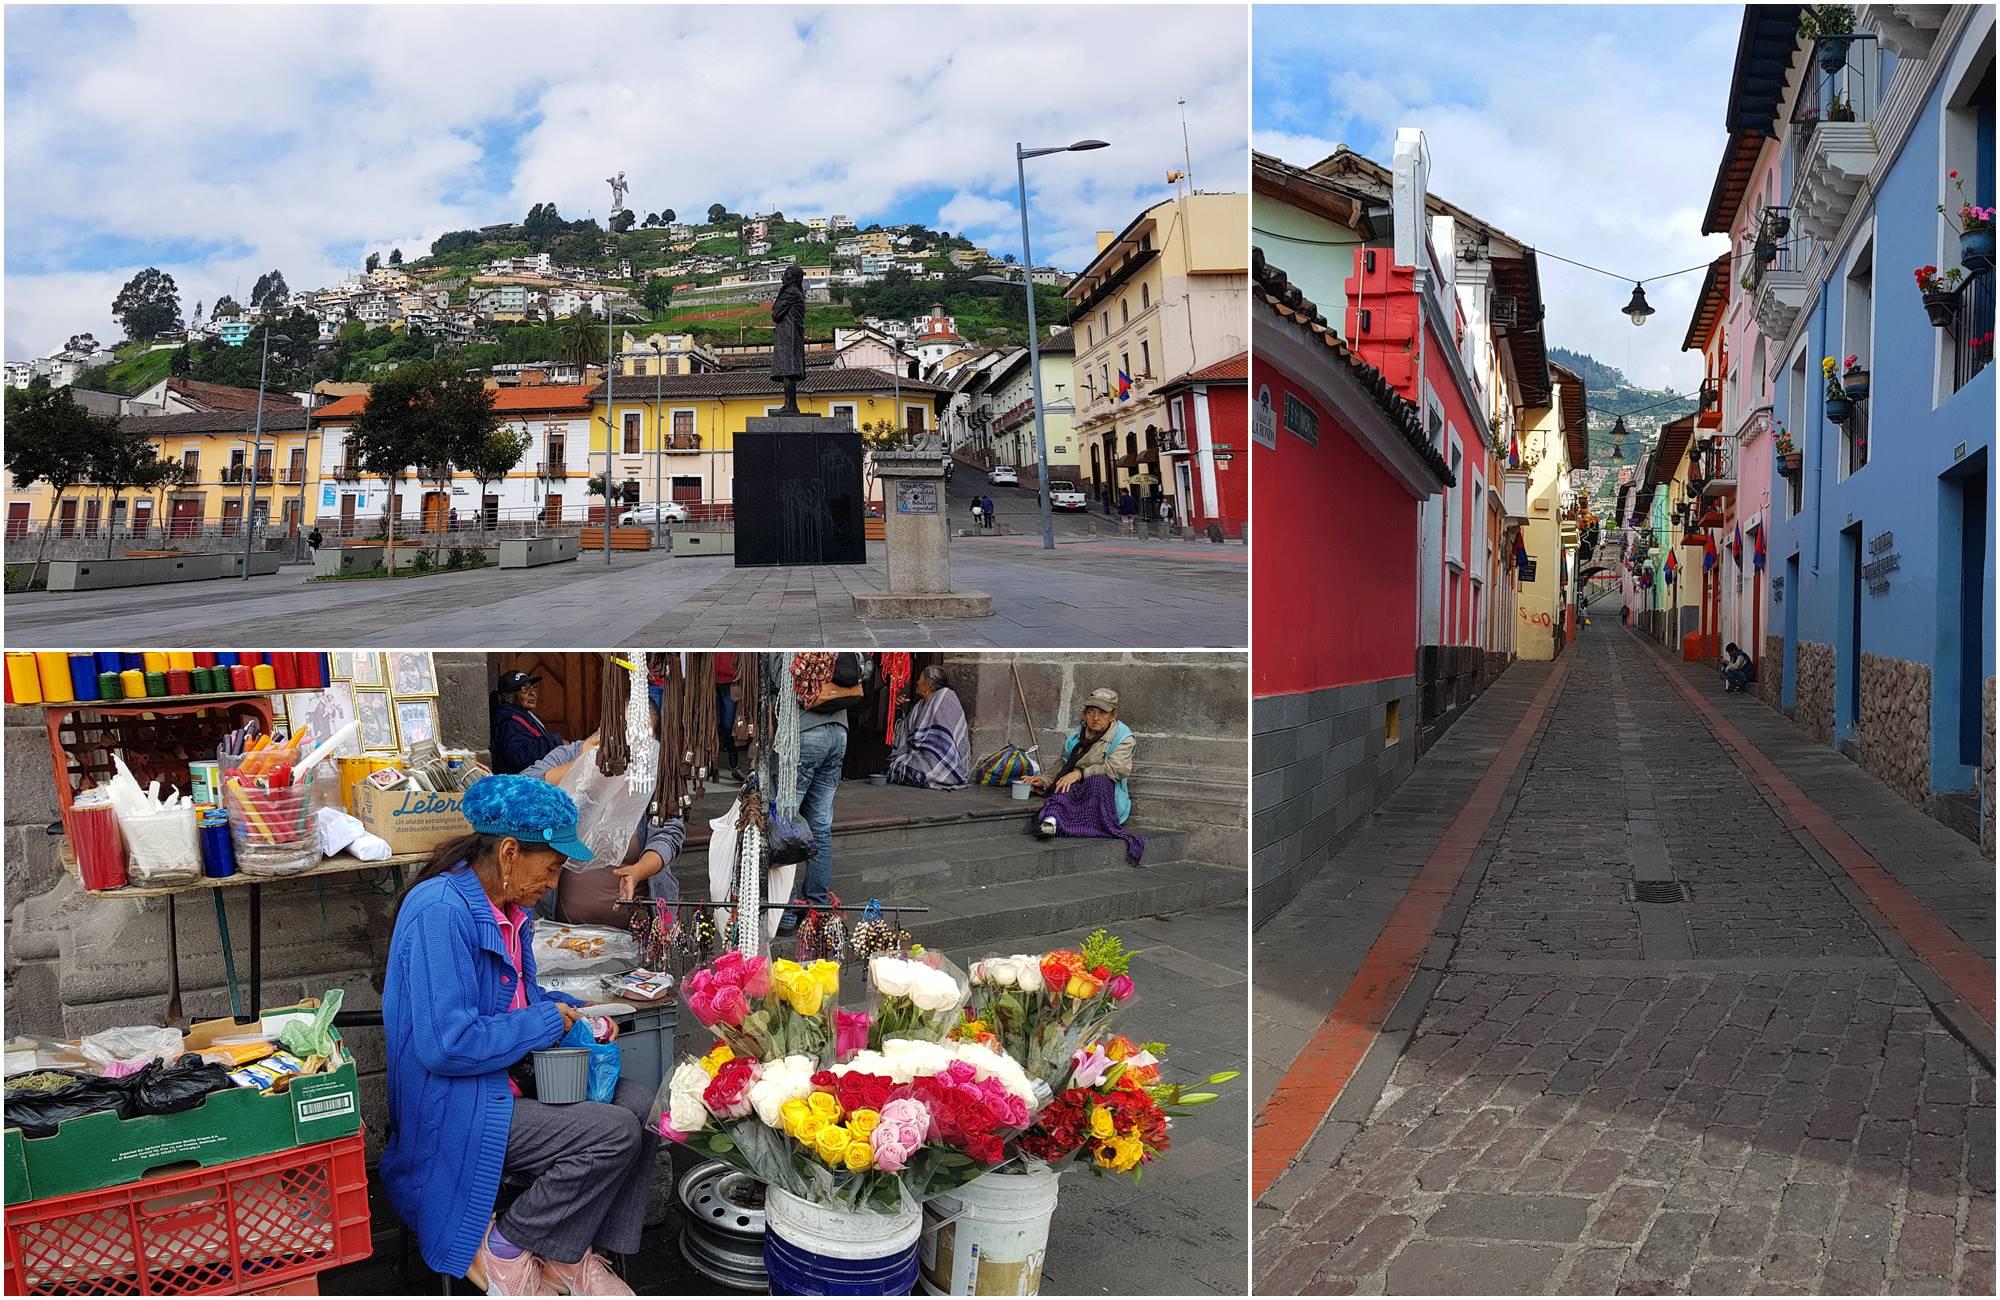 Maisons colorées, marché locale et place principale